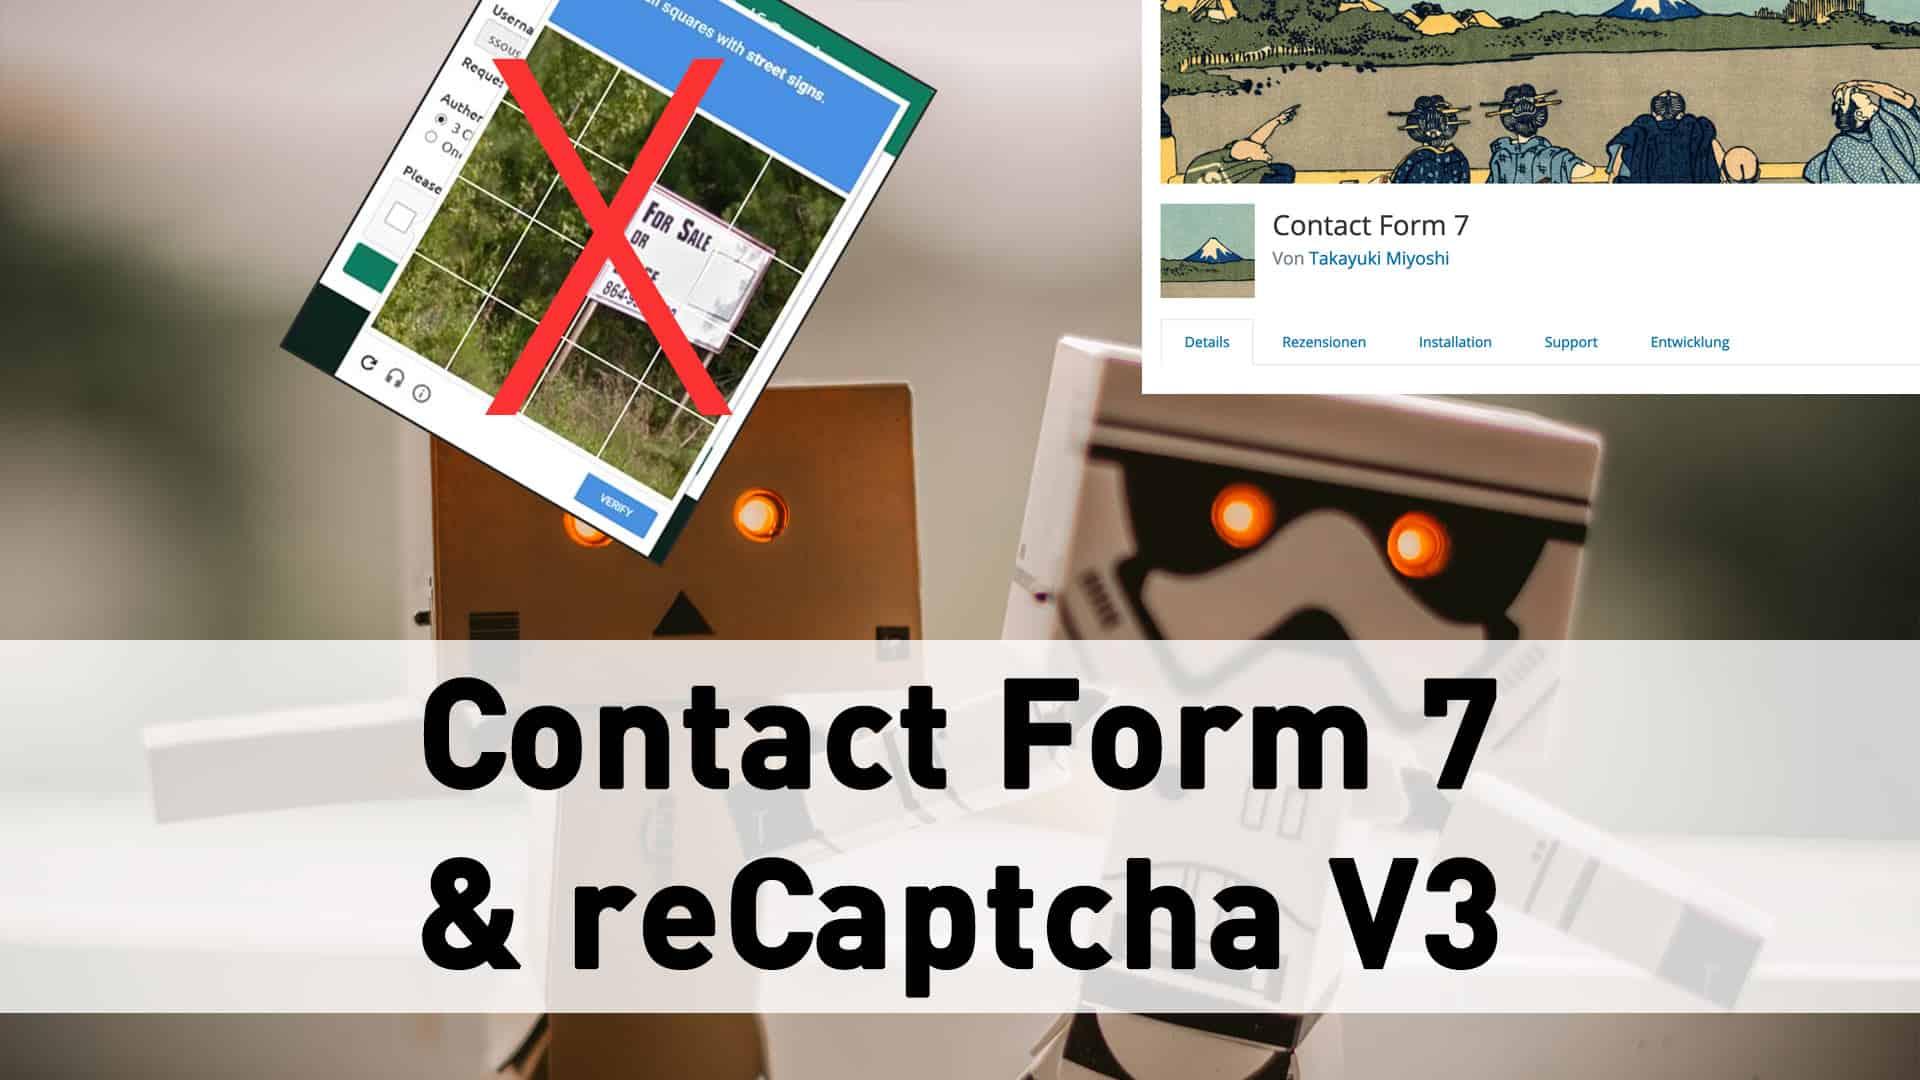 Contact Form 7 und Google ReCaptcha V3 – wie verbindet man das?